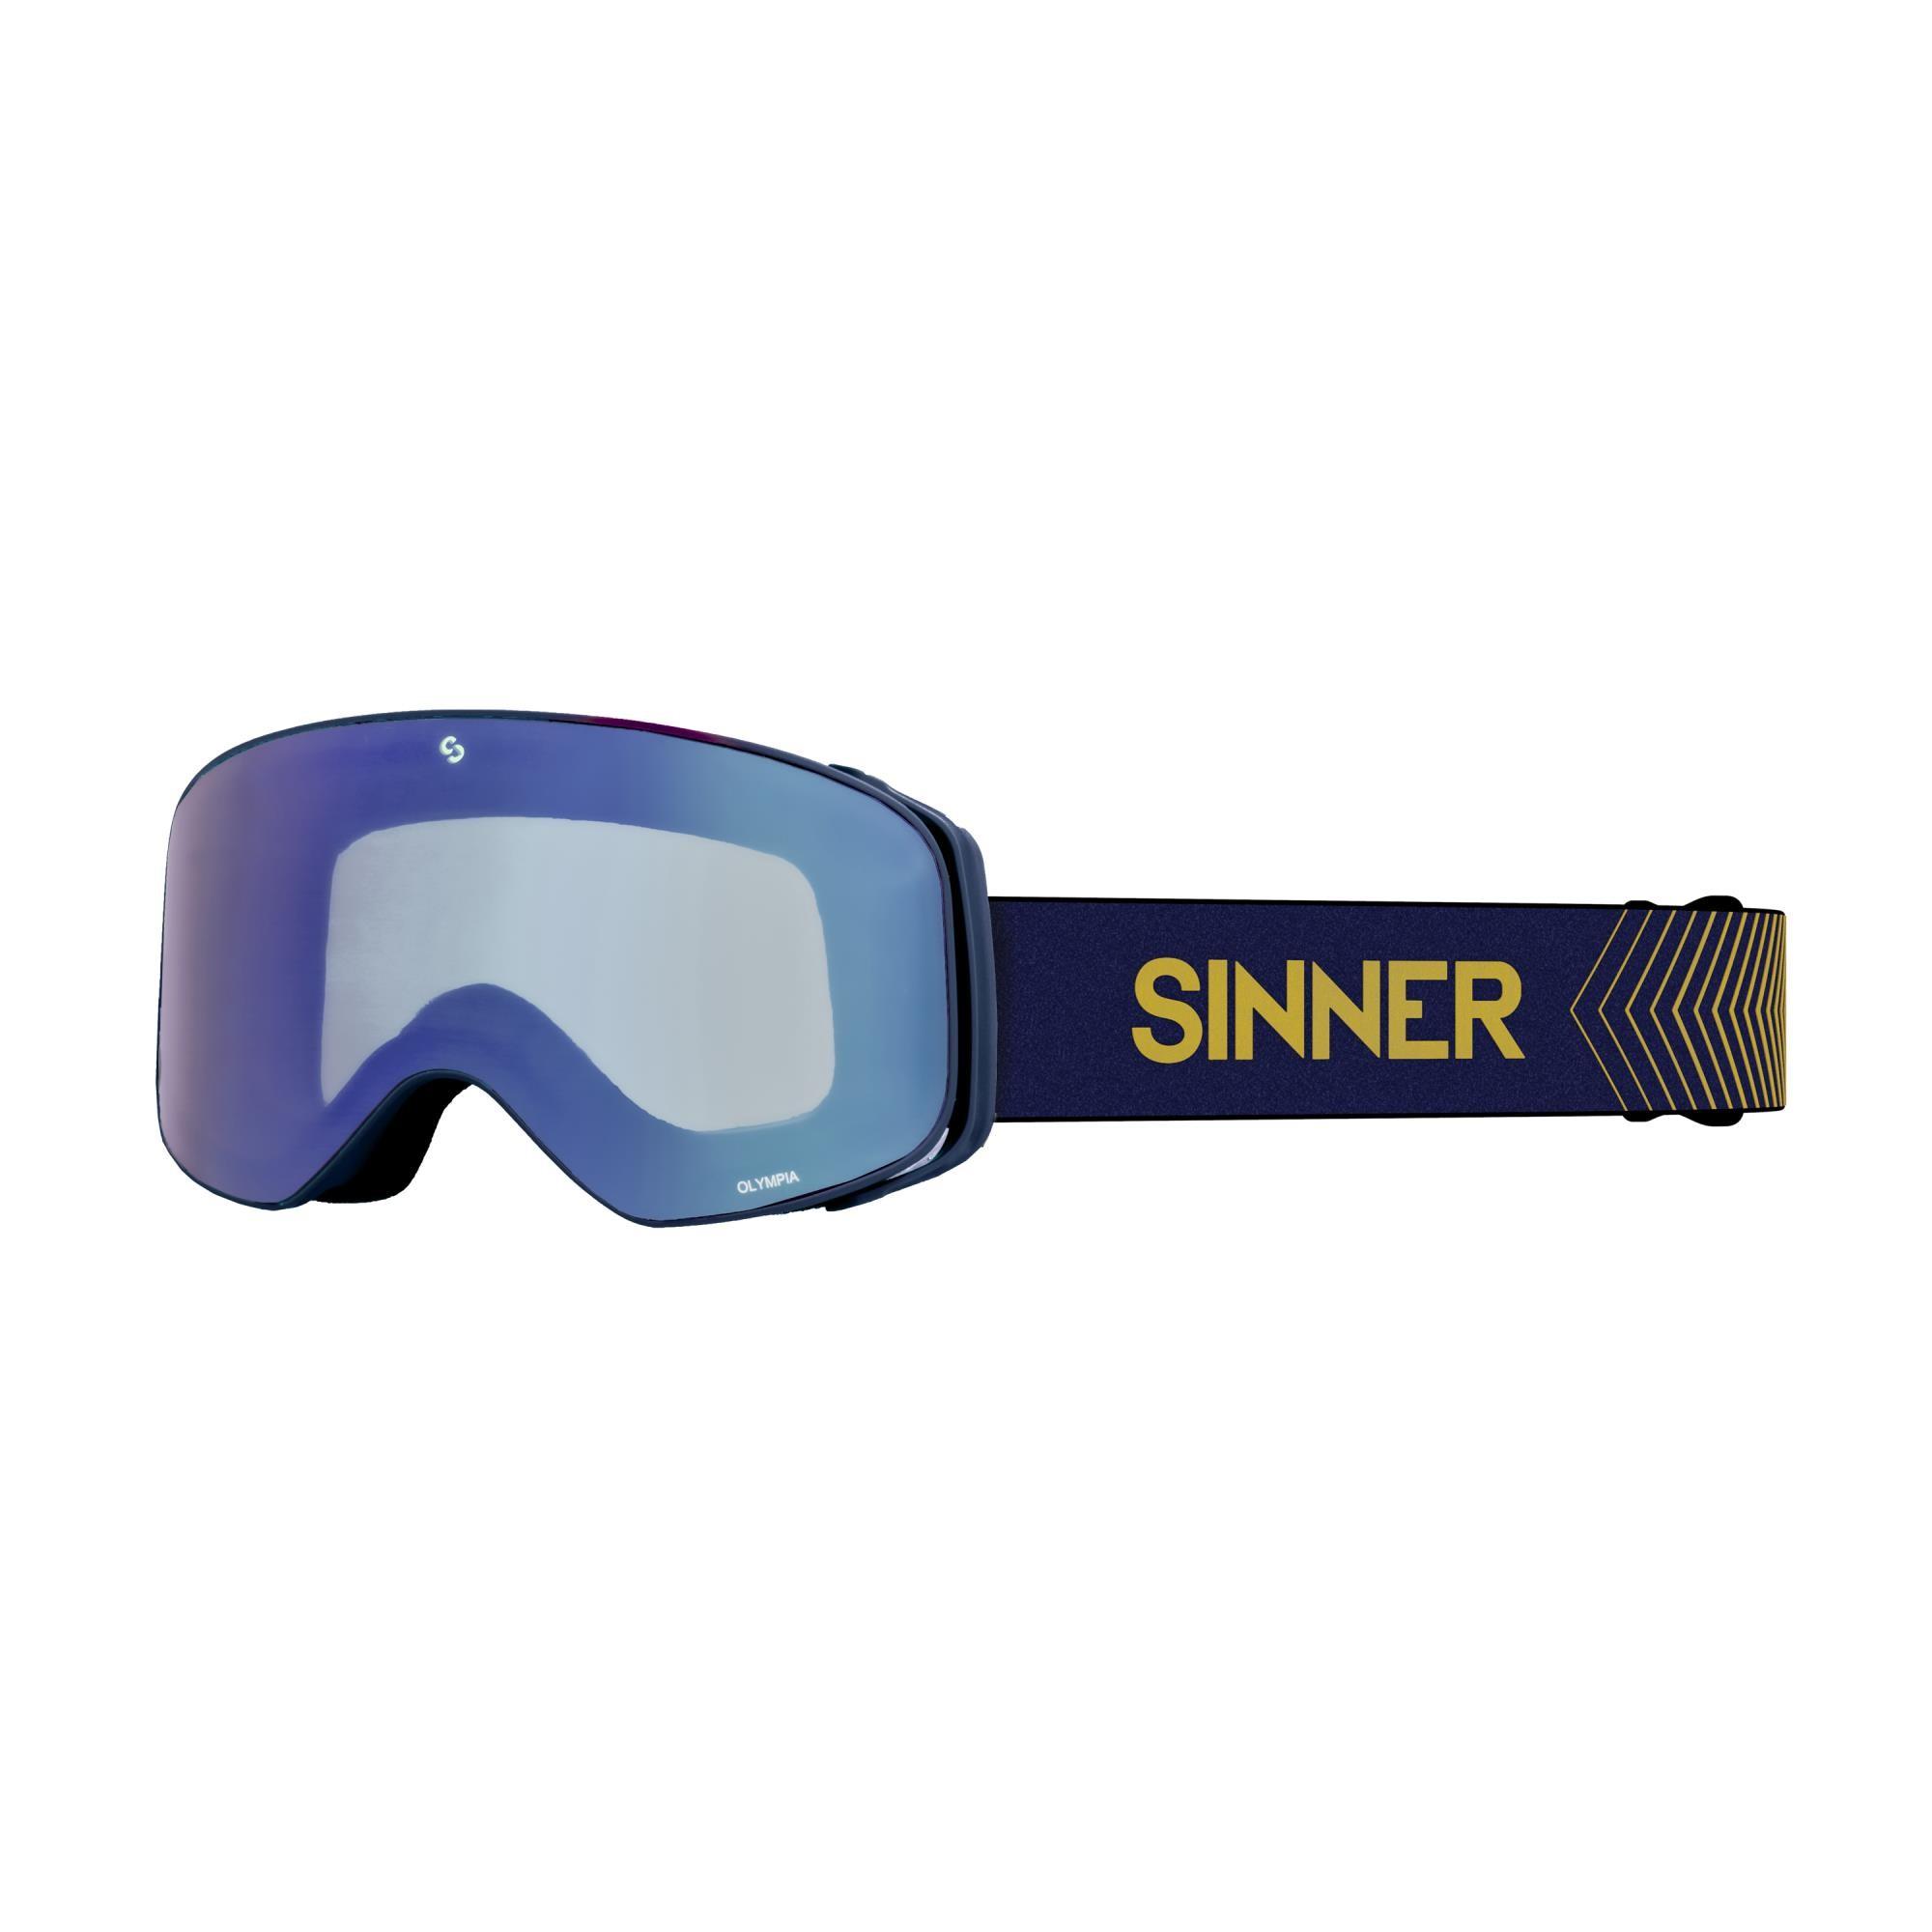 Sinner Olympia Skibril - Mat Donkerblauw - Volledig Blauwe Spiegellens